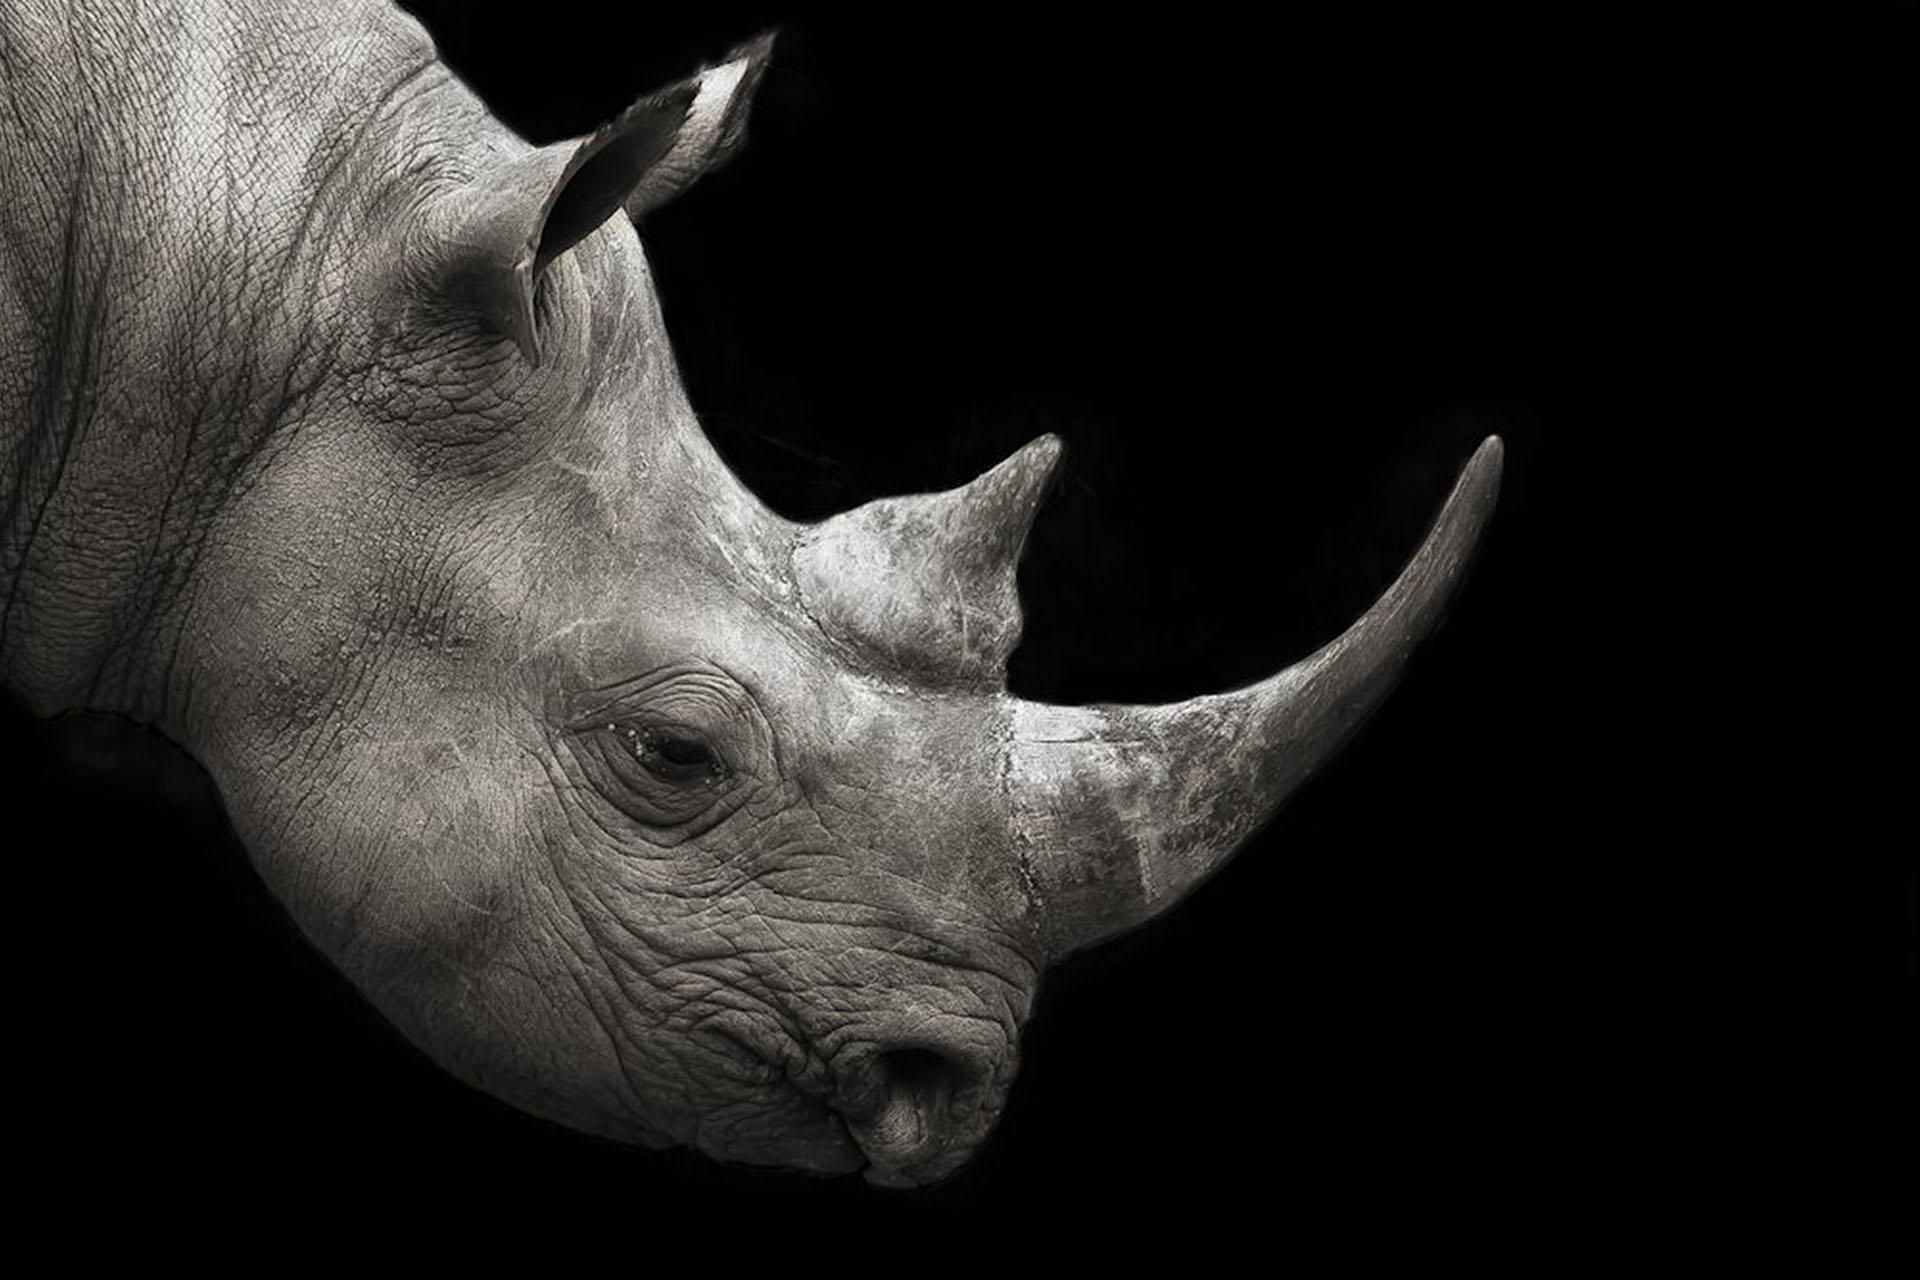 mario-moreno-photography-signature-photo-safaris-maasai-wanderings